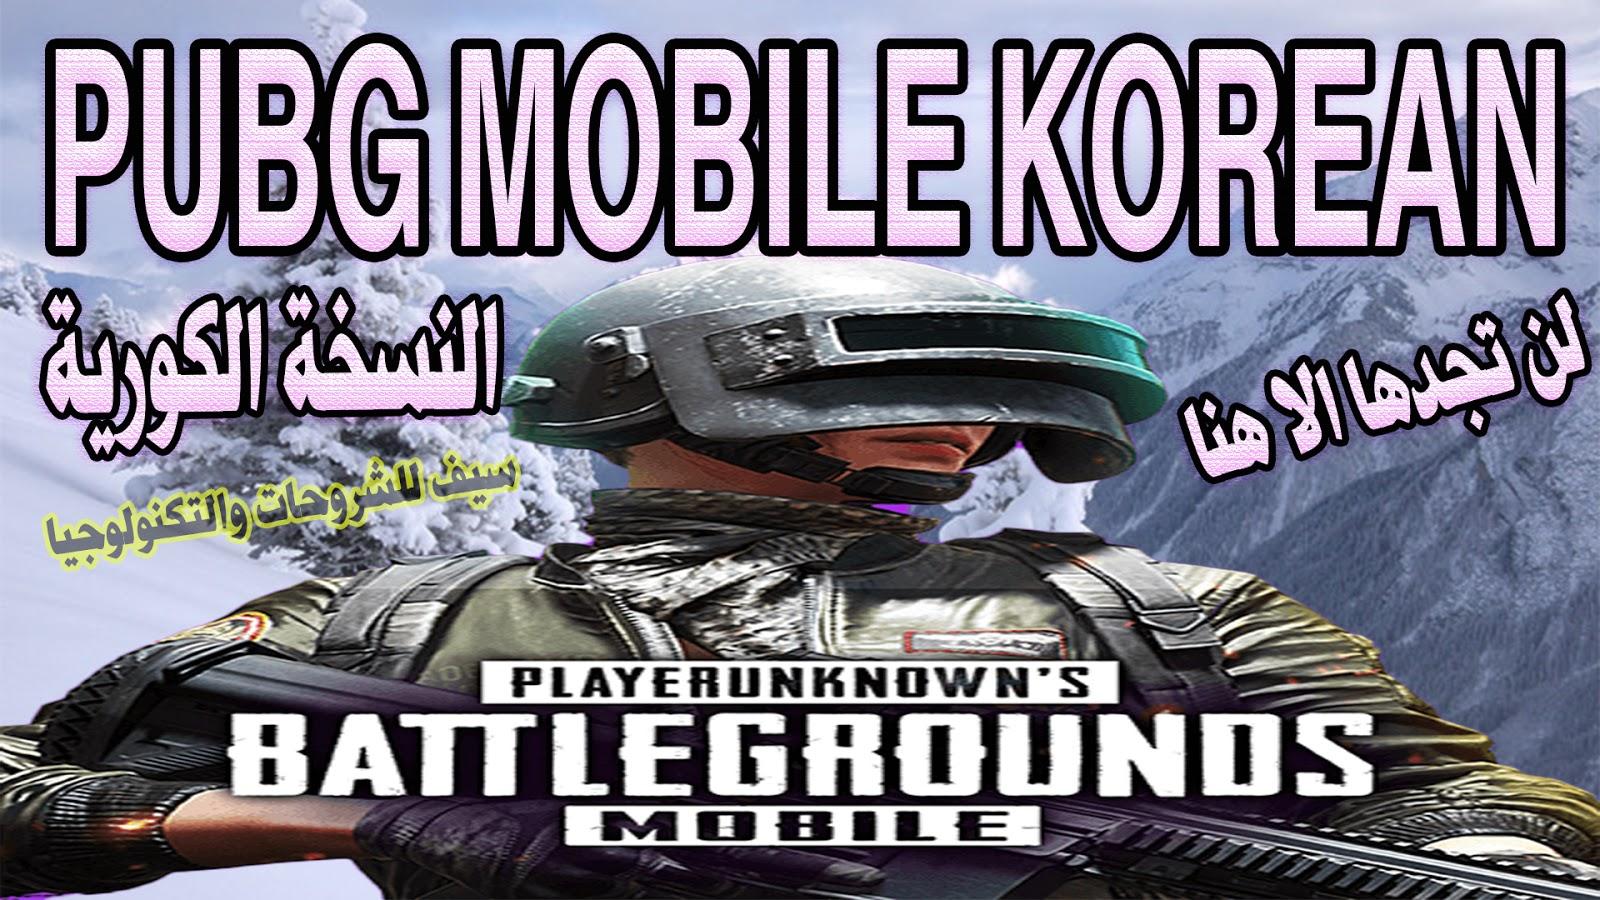 تحميل لعبة PUBG MOBILE KOREAN الجديدة للأندرويد ستجعلك تدمنها وتنسي بابجي موبايل القديمة